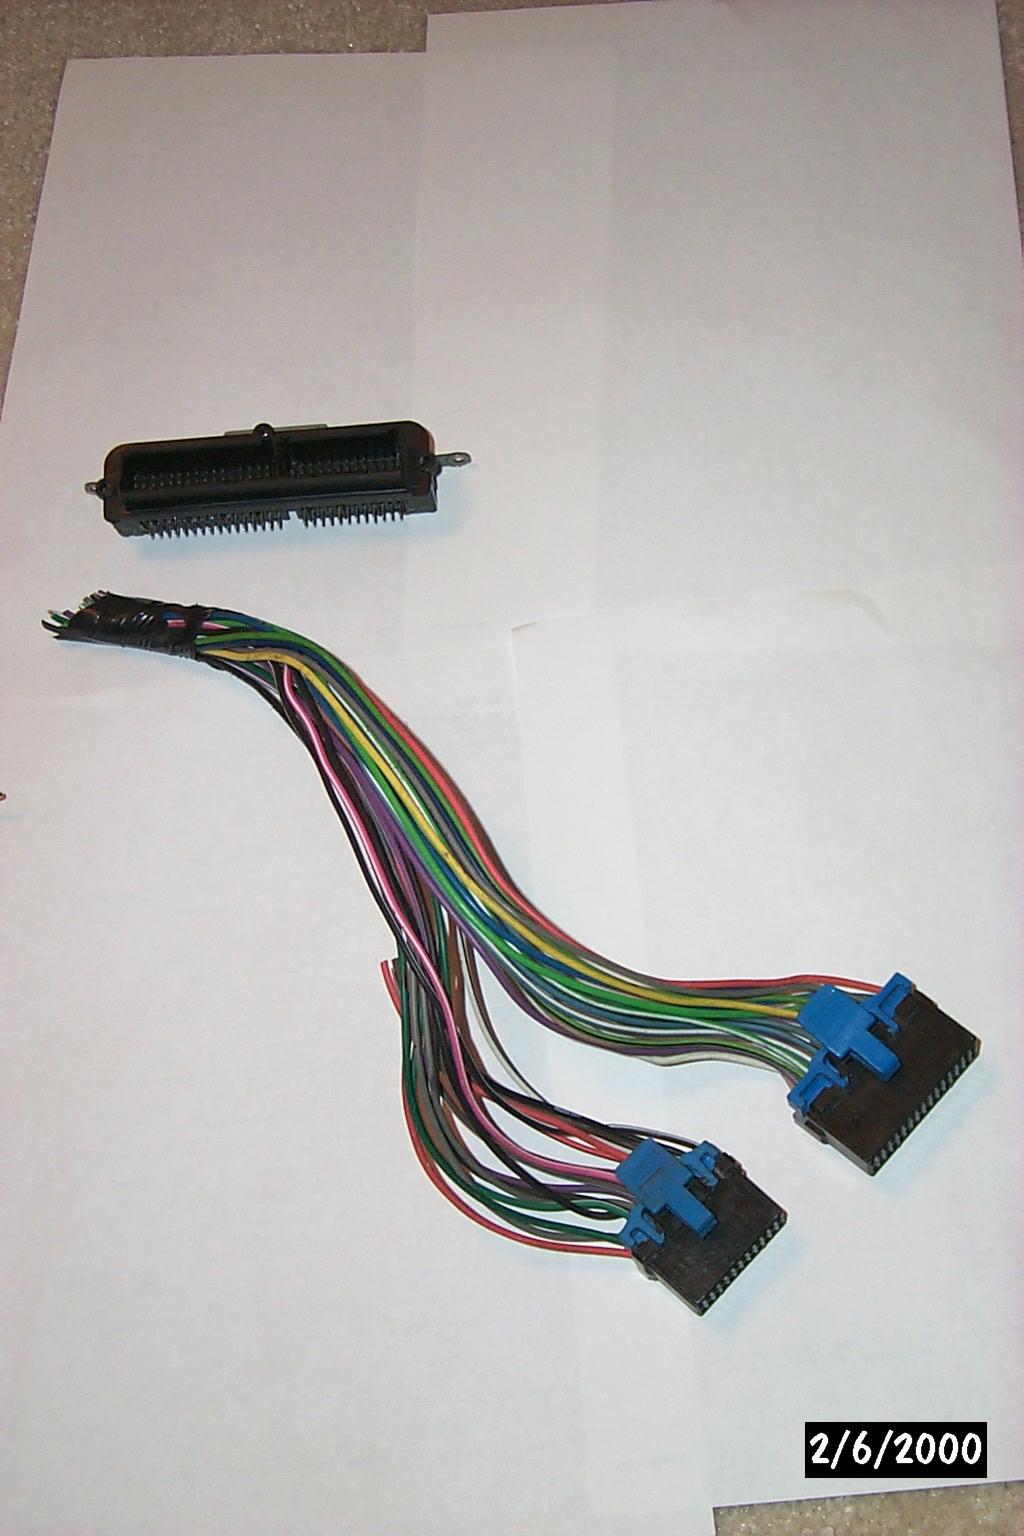 Gm Map Sensor Wiring Diagram 2000 Deville Speed Wire